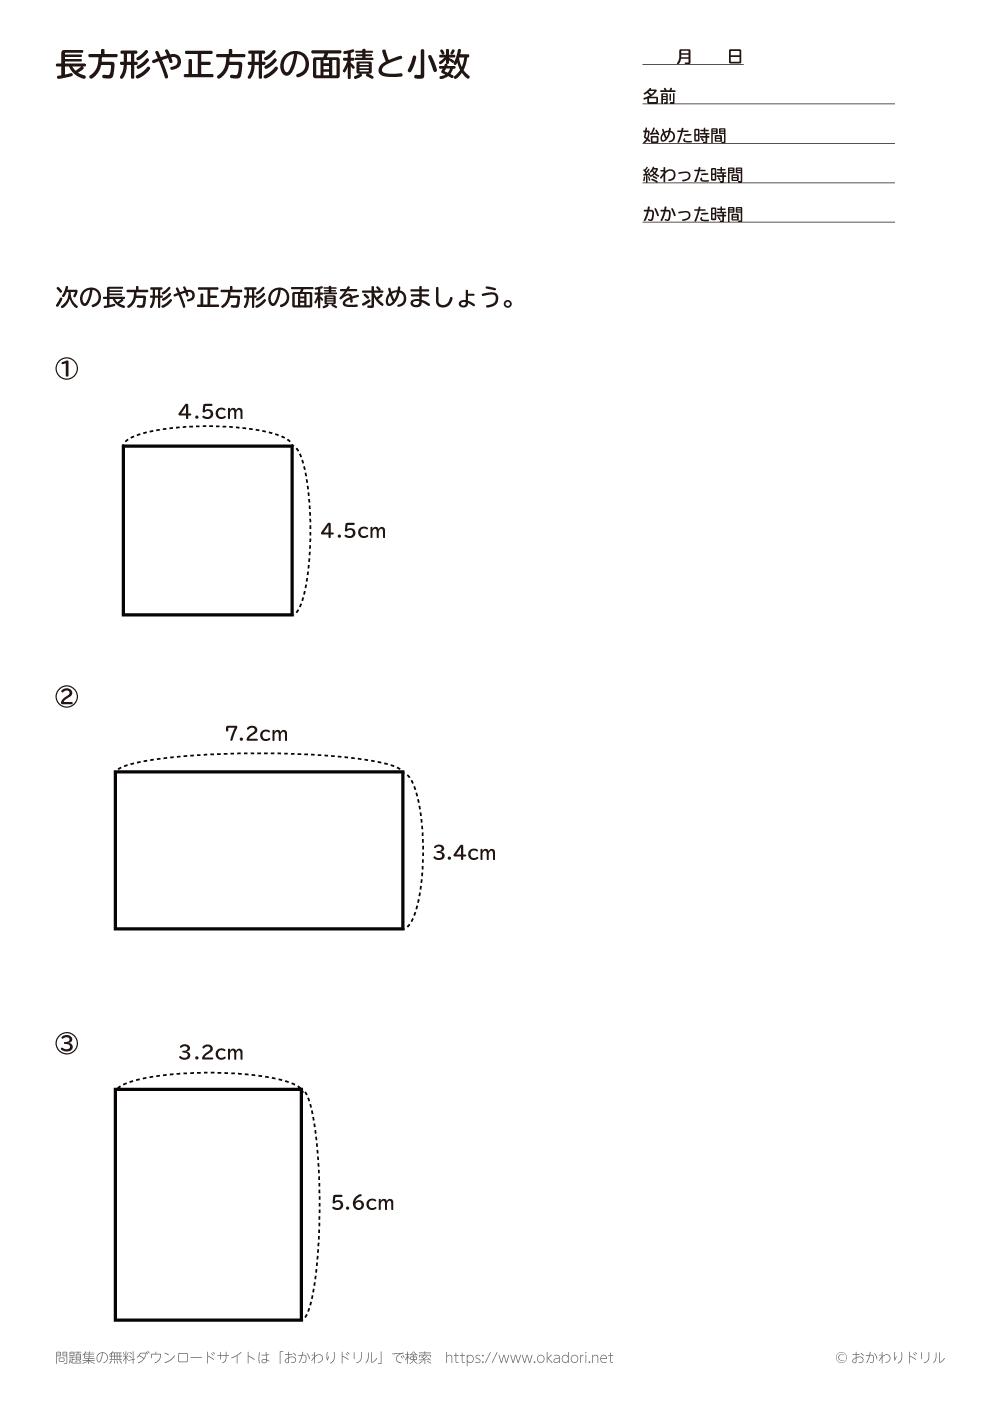 長方形や正方形の面積と小数1